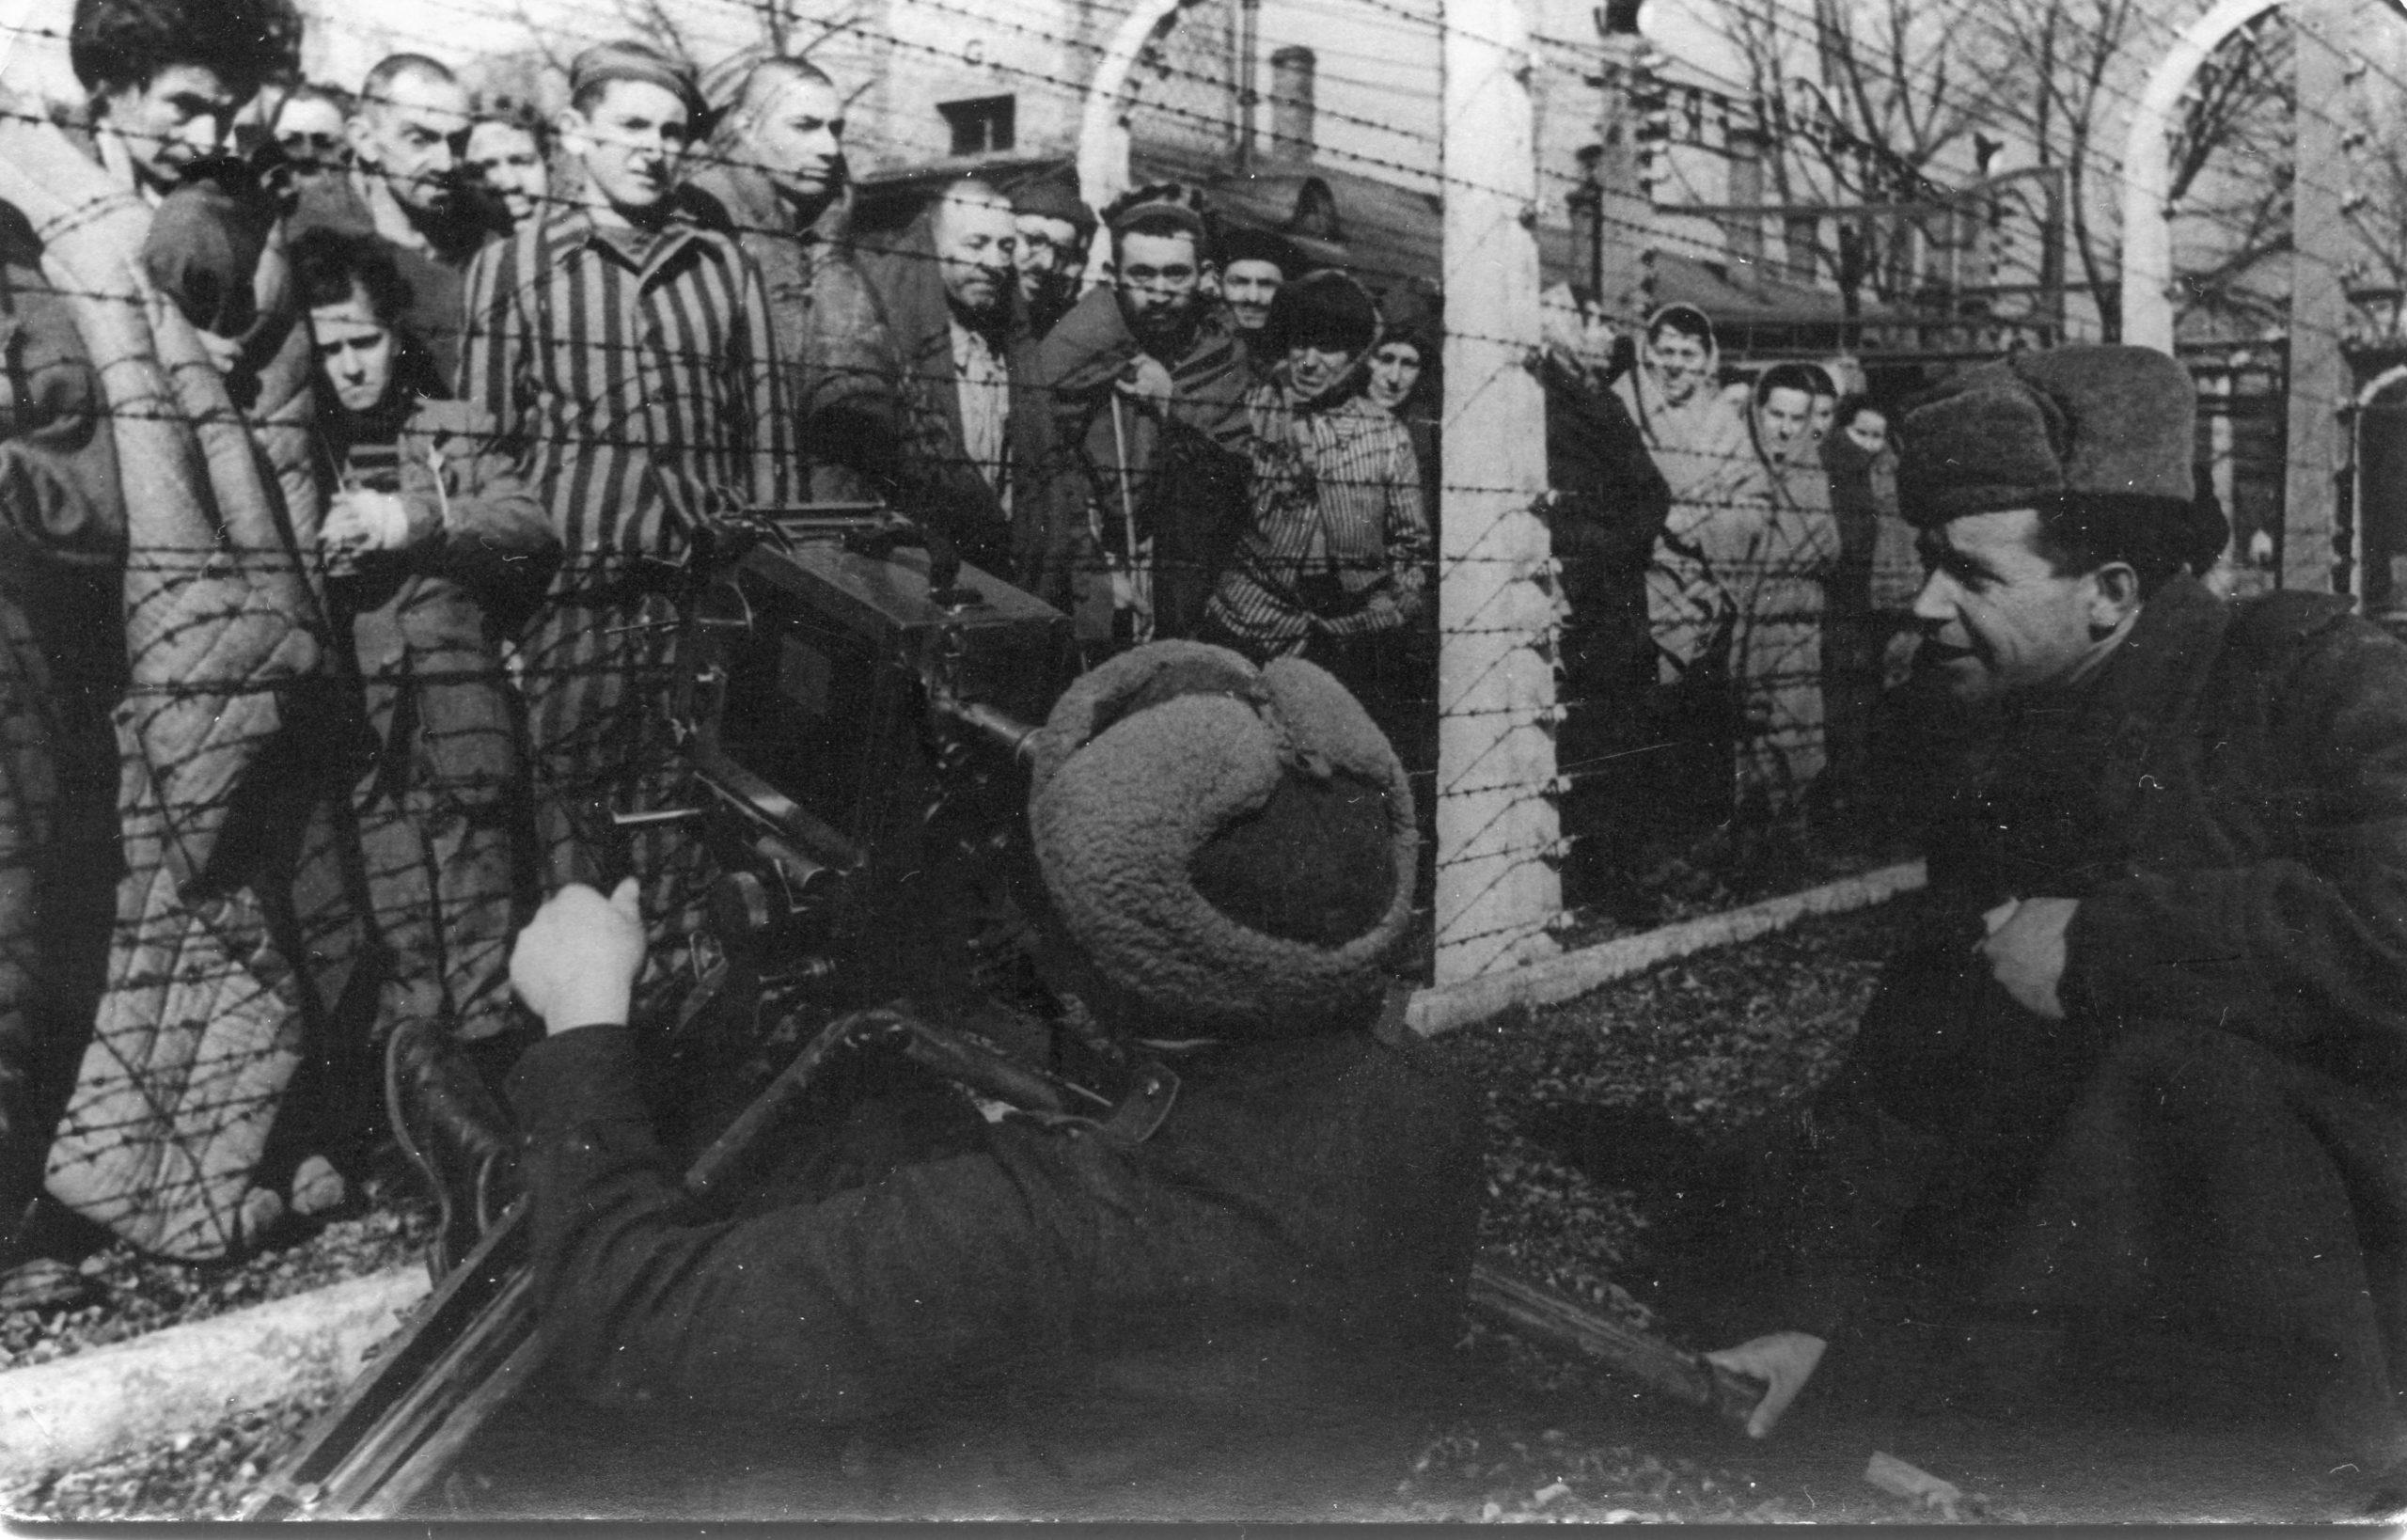 Déportés dans le camp d'Auschwitz, à la libération du camp. Pologne, 1945. © Private collection. Kutub-Zade family